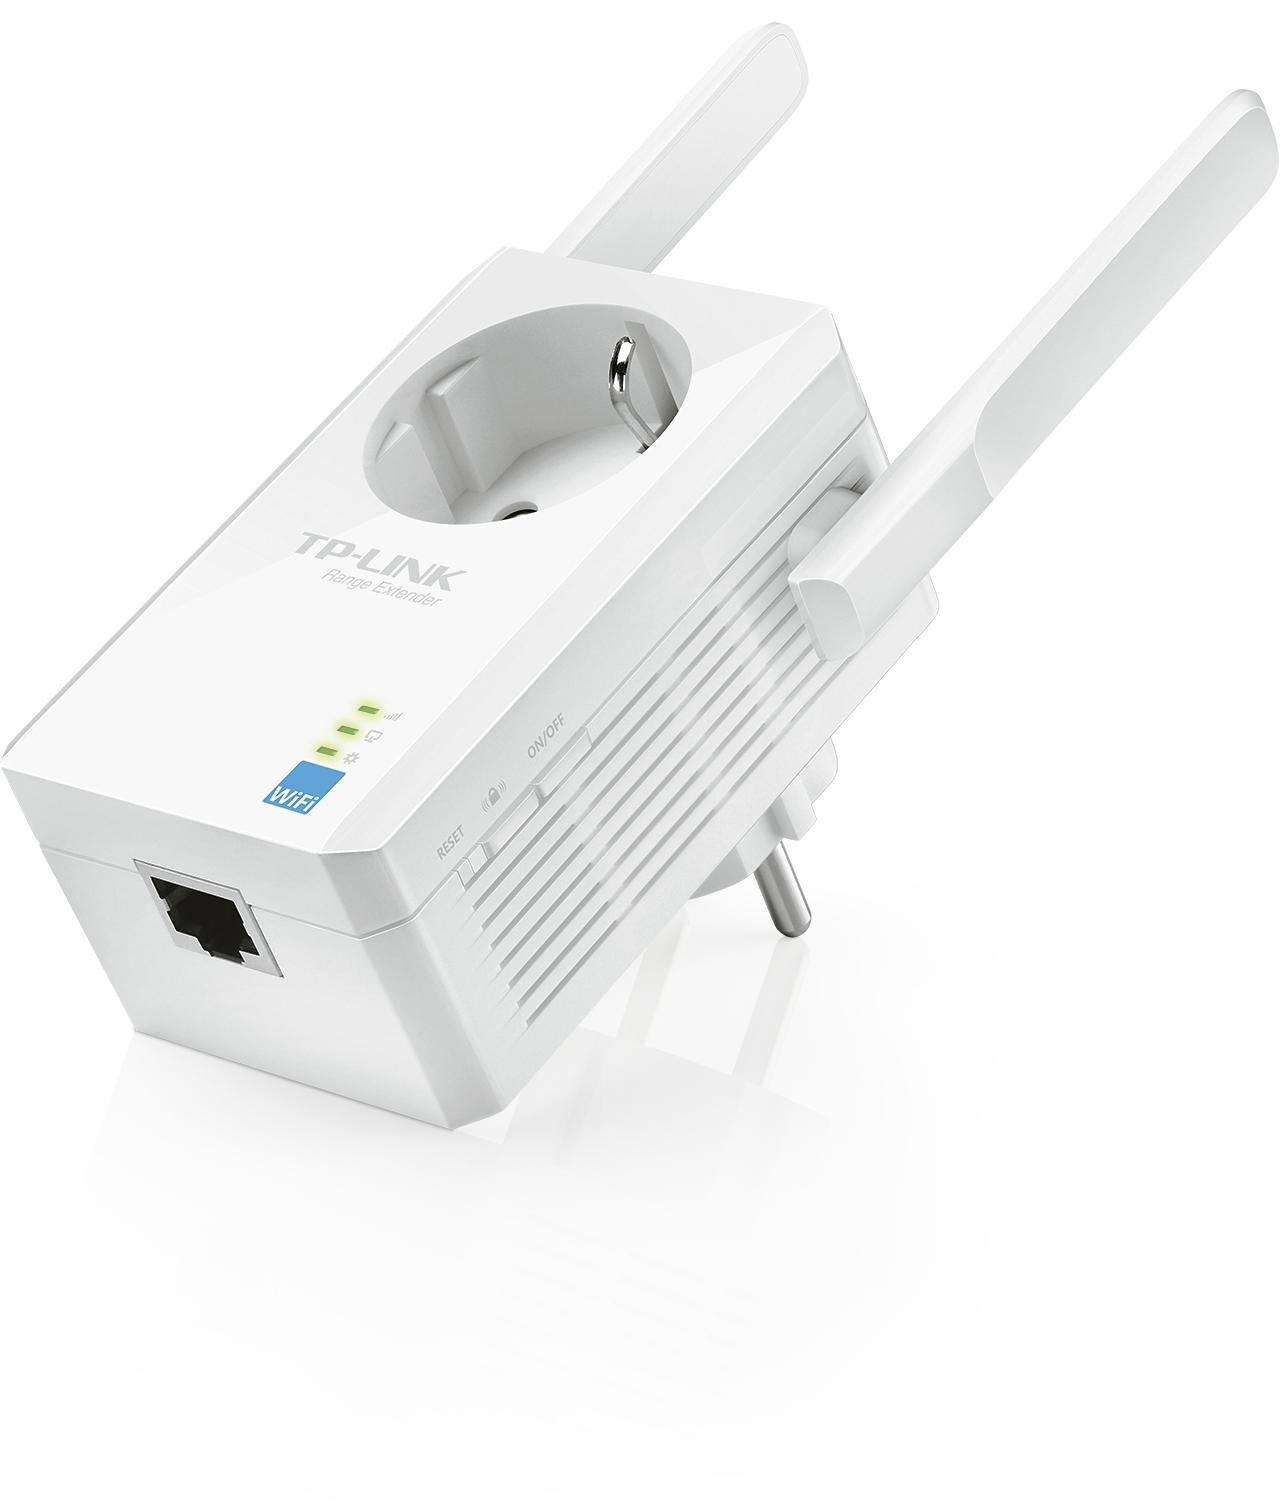 Répéteur Wi-Fi N 300 Mbps avec prise gigogne